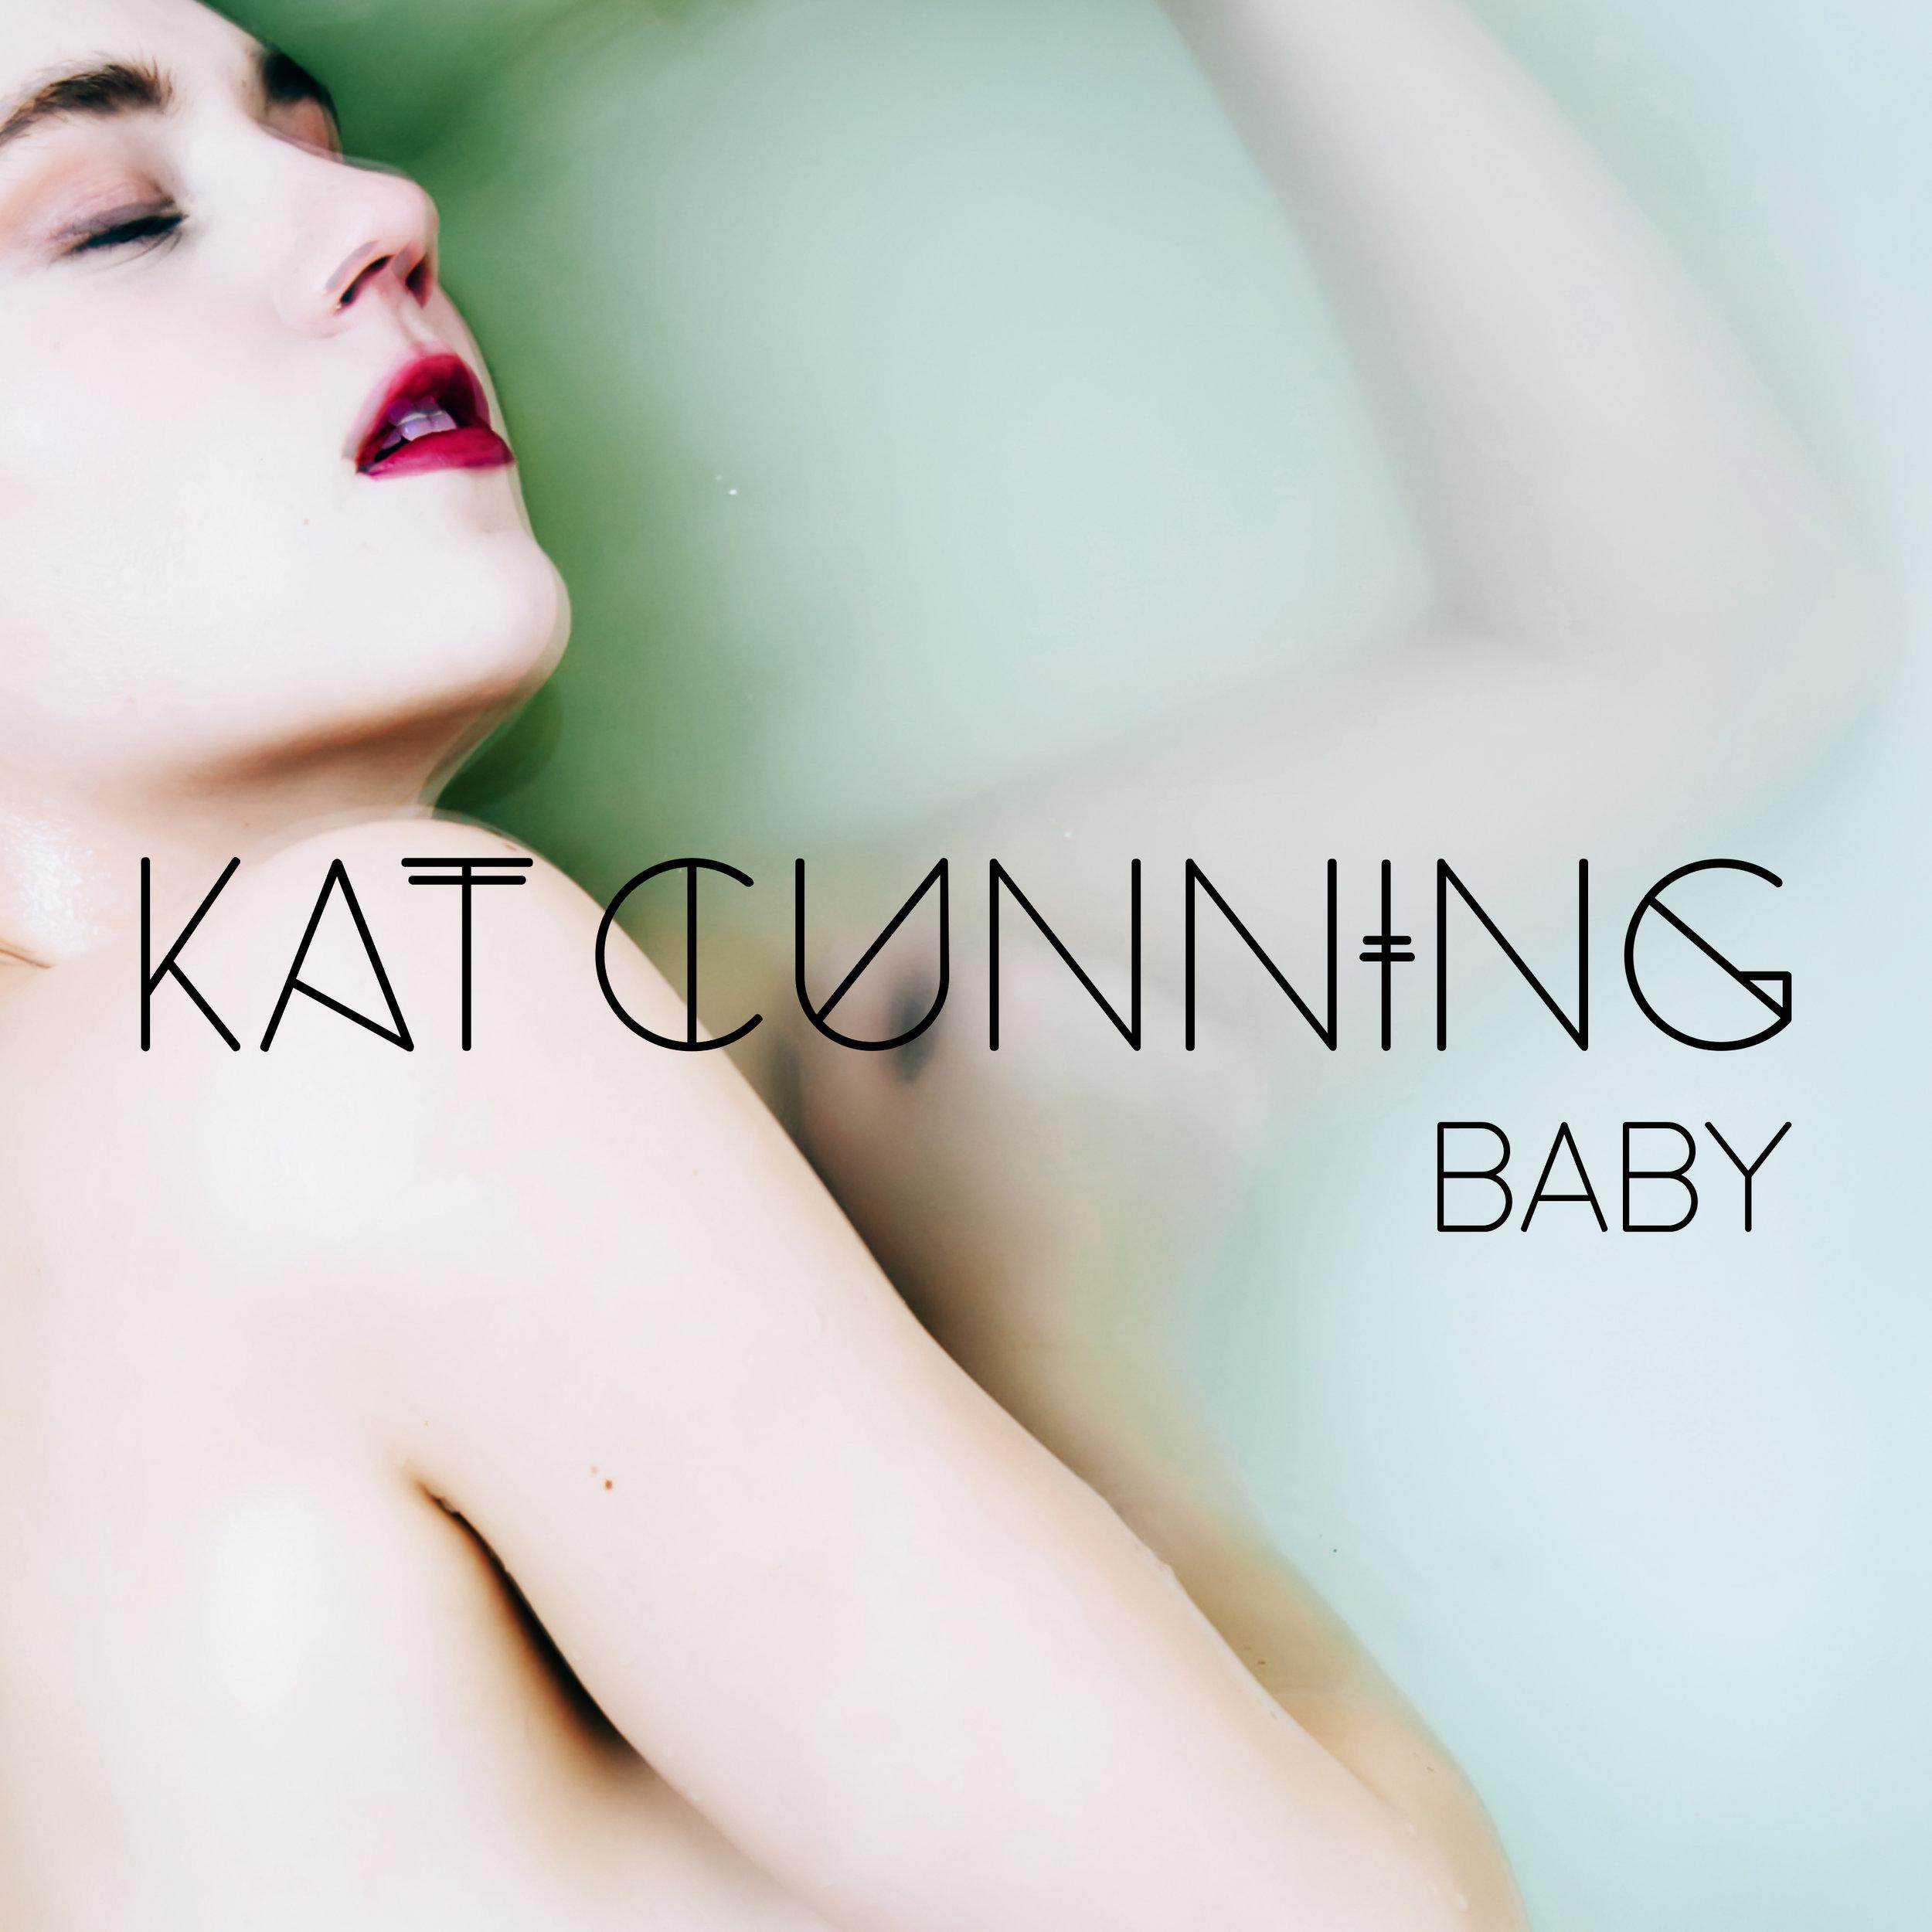 kat_cunning_baby_3000x3000.jpg